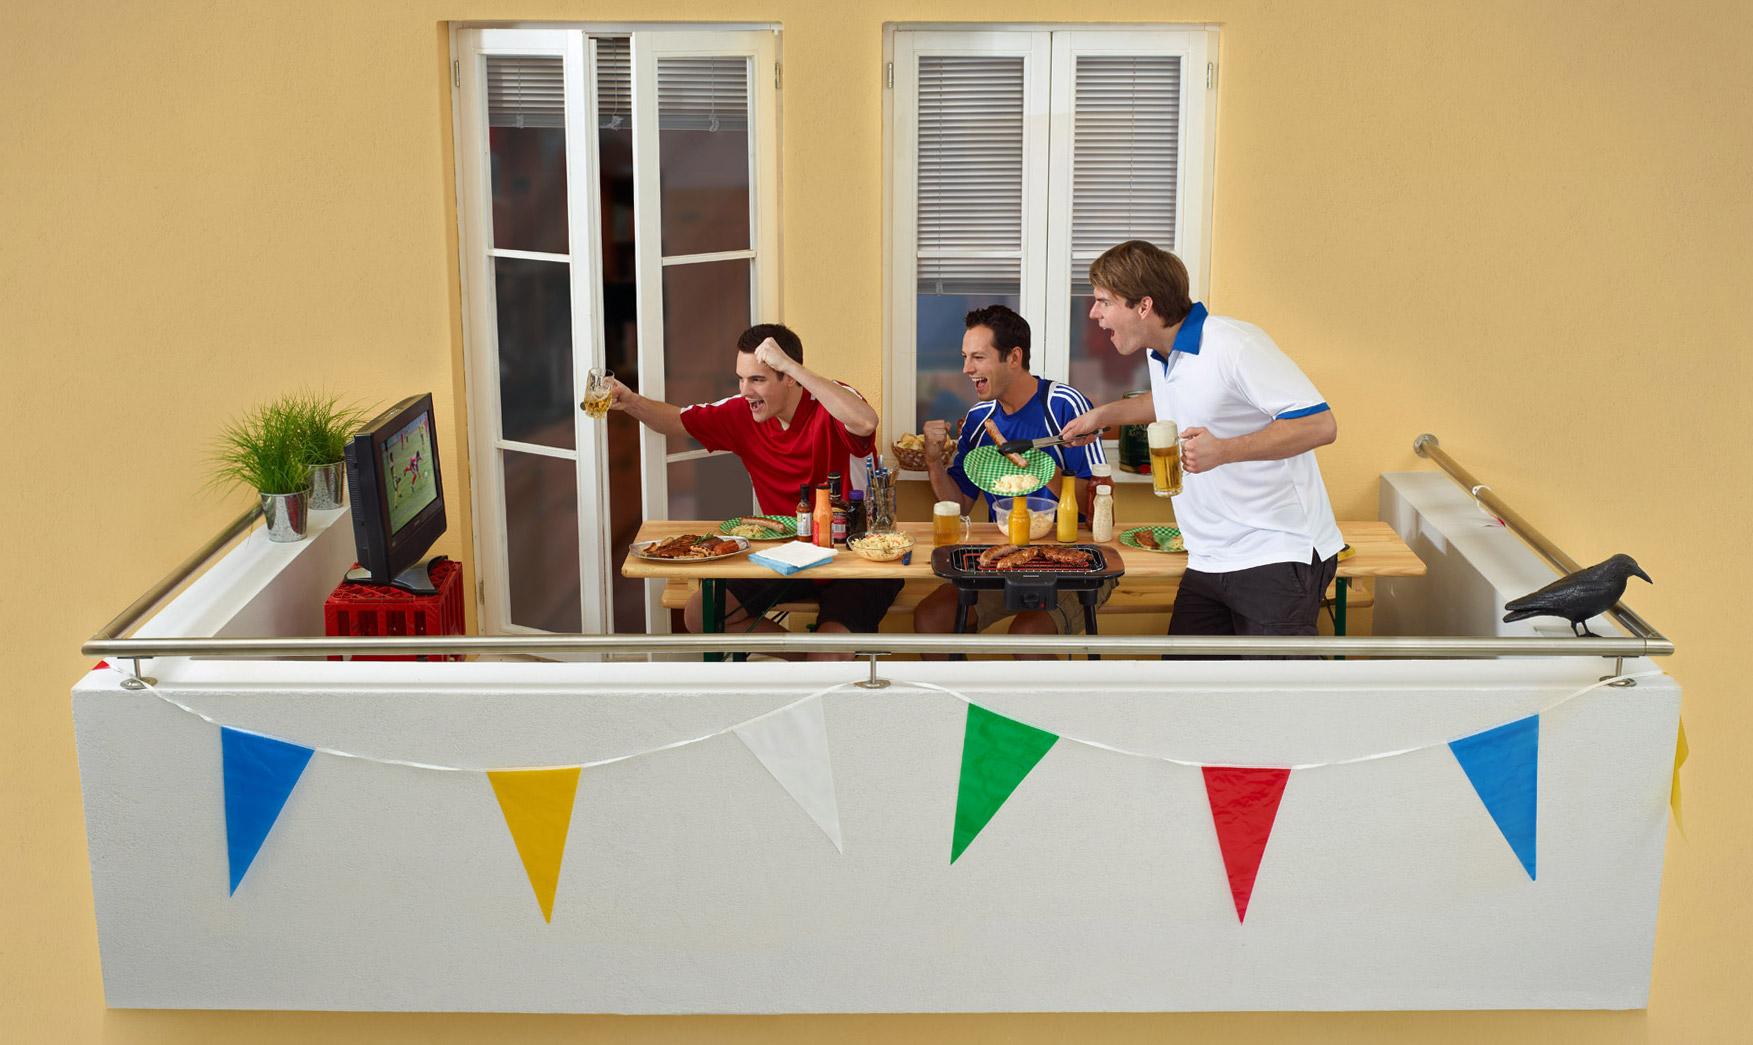 Mit Elektrogrill Auf Dem Balkon Grillen : Frühlingssonne und lecker grillen u2013 wen interessiert da schon fussball!